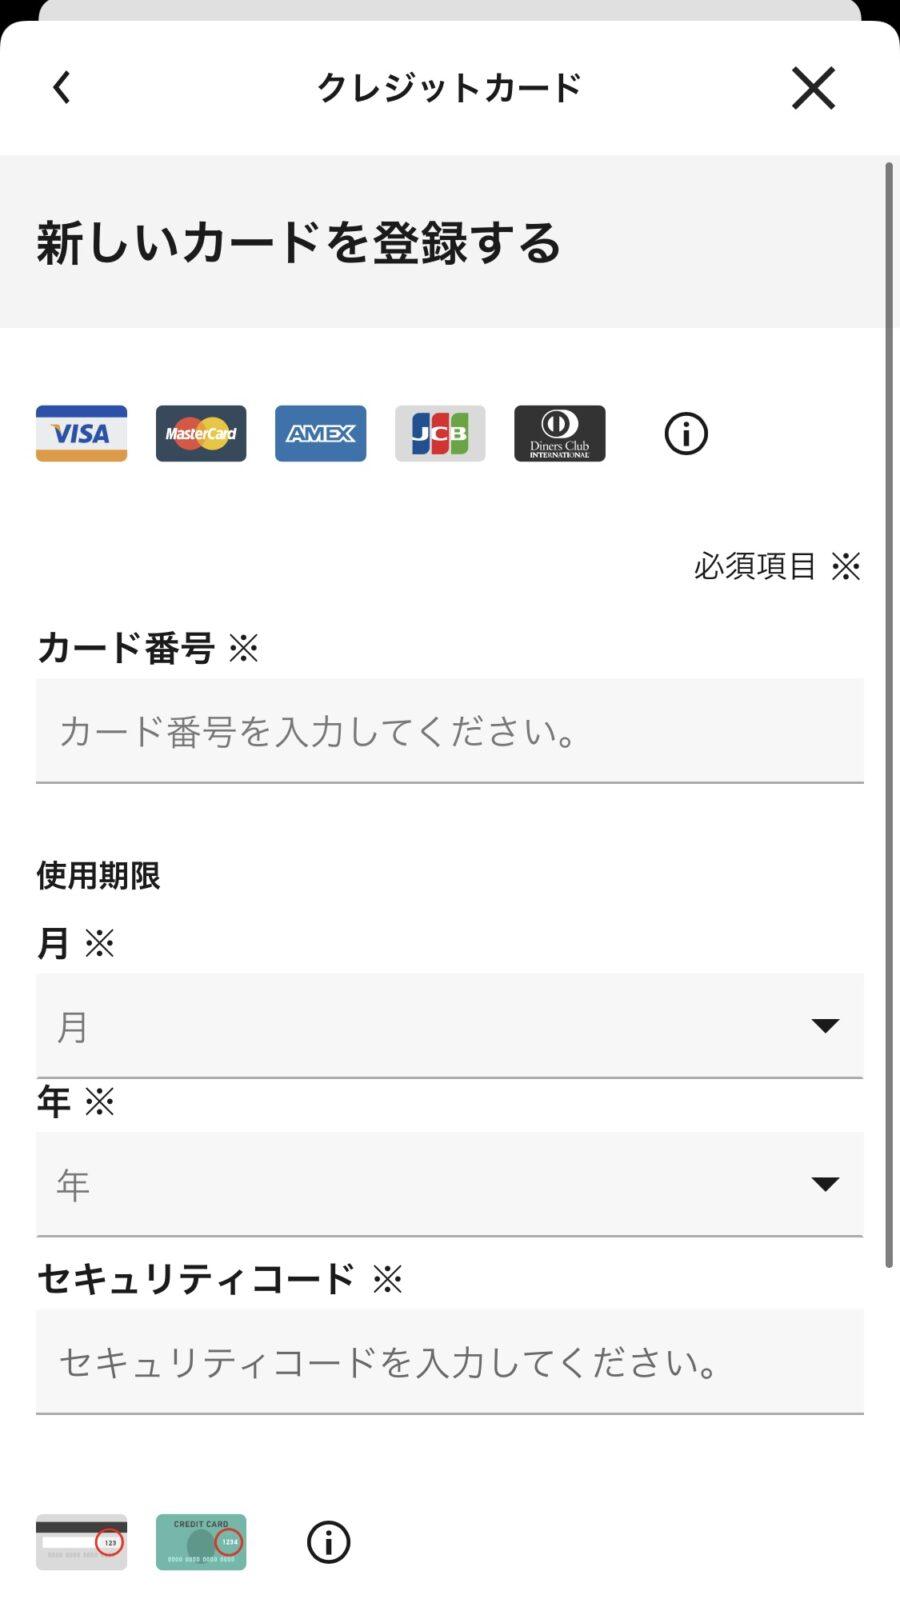 ユニクロ アプリのクレジットカード追加・変更方法5